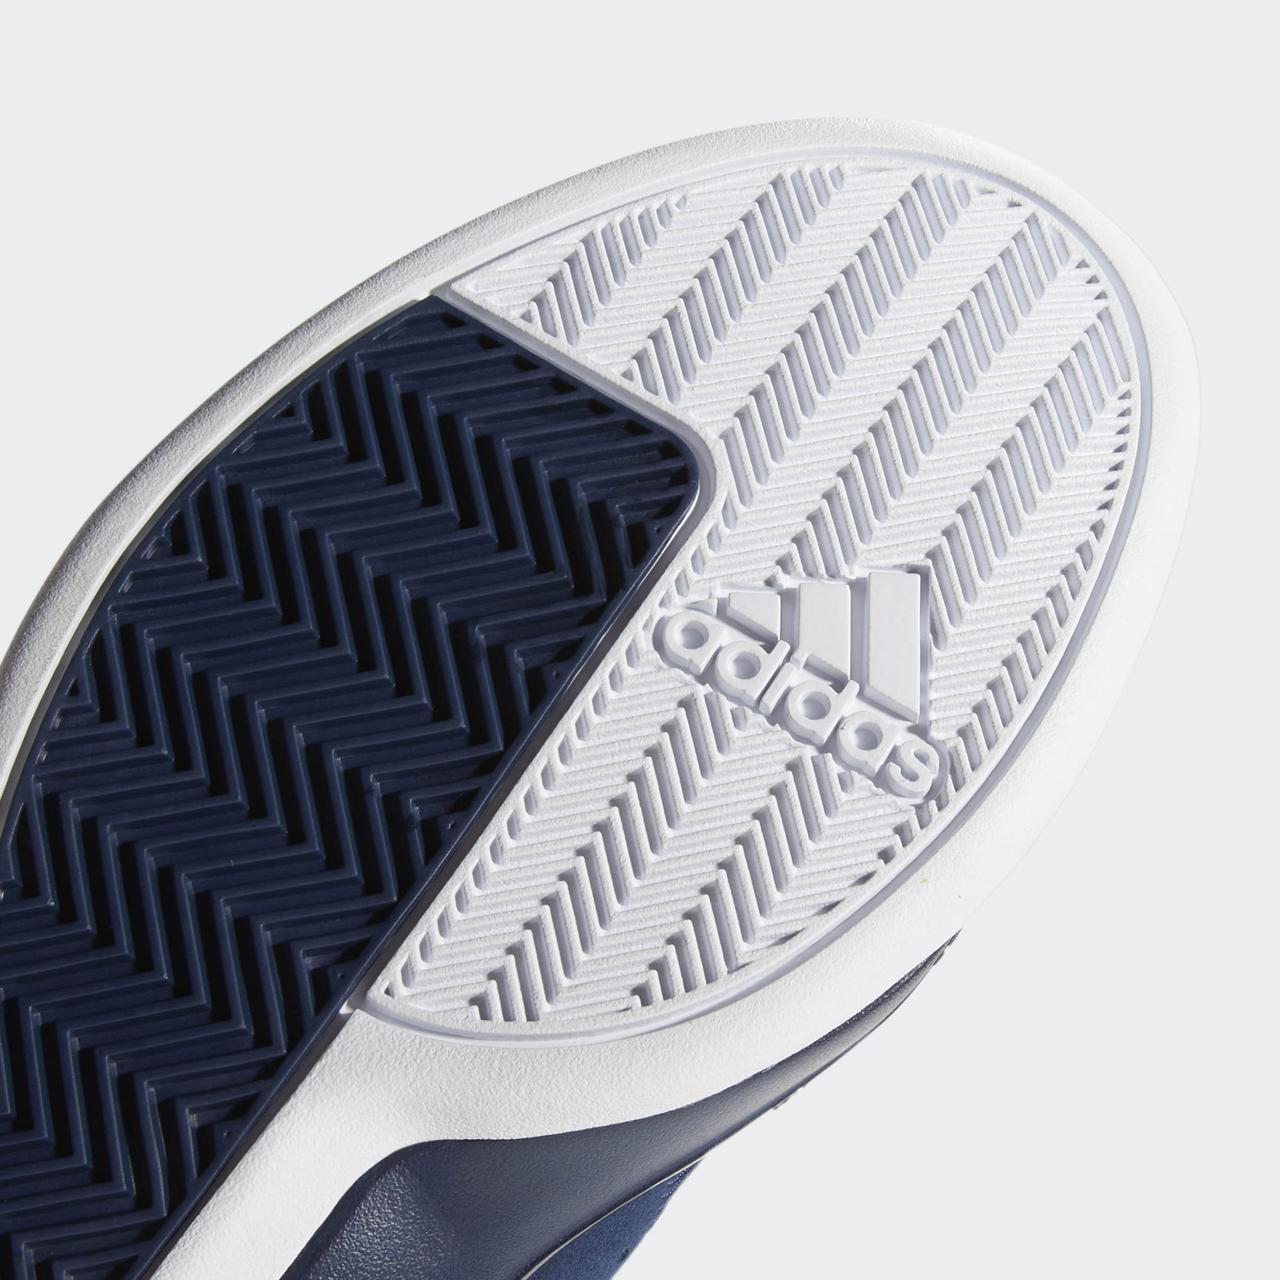 bc1a11d6 Баскетбольные кроссовки Pro Adversary Low 2019: продажа, цена в ...